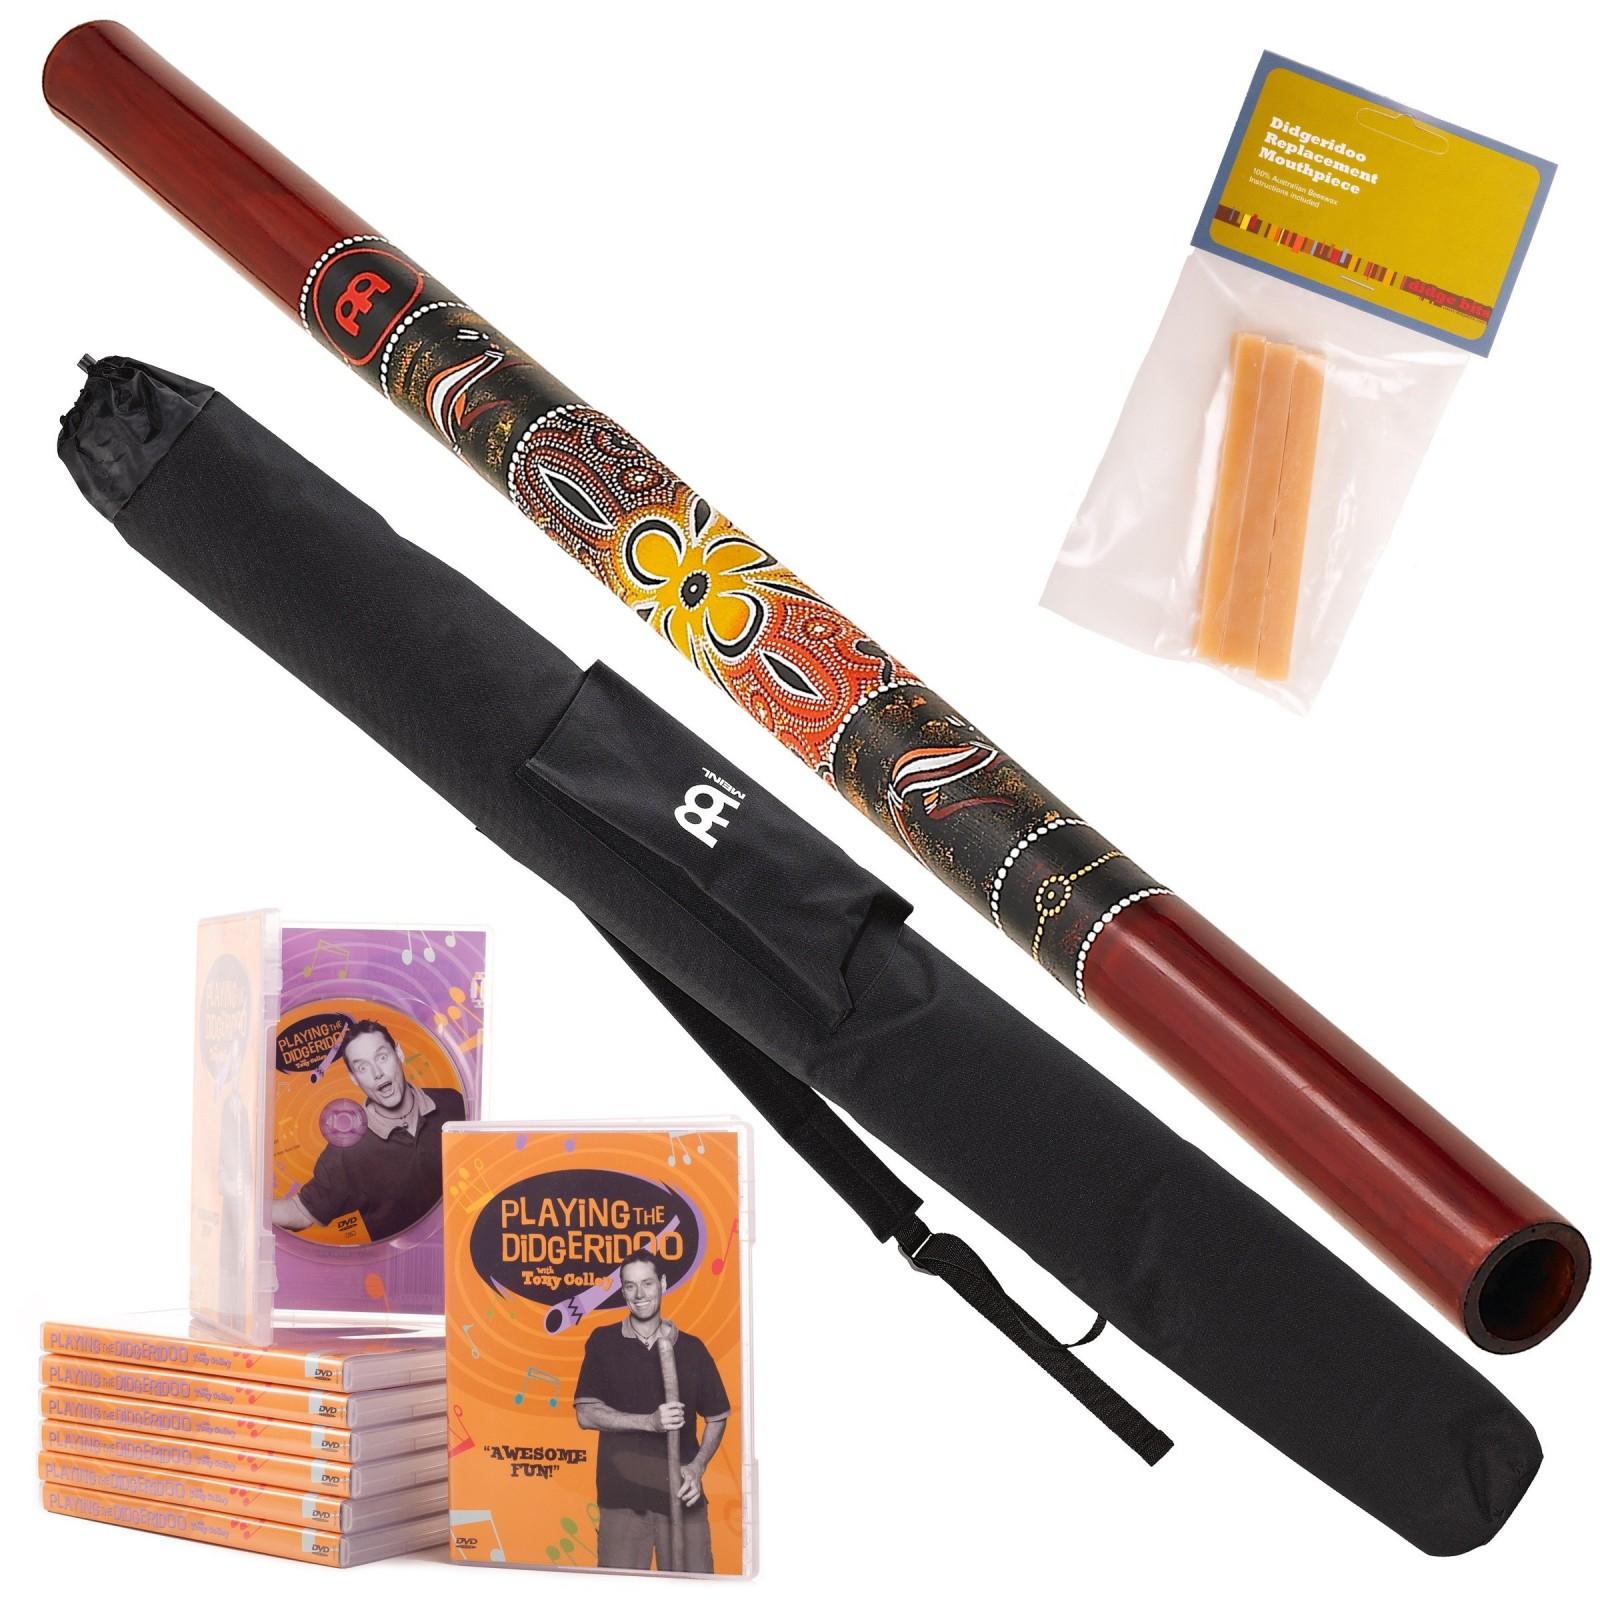 Starterspakket A  Didgeridoo DDG1-R + DvD + Wax + Bag